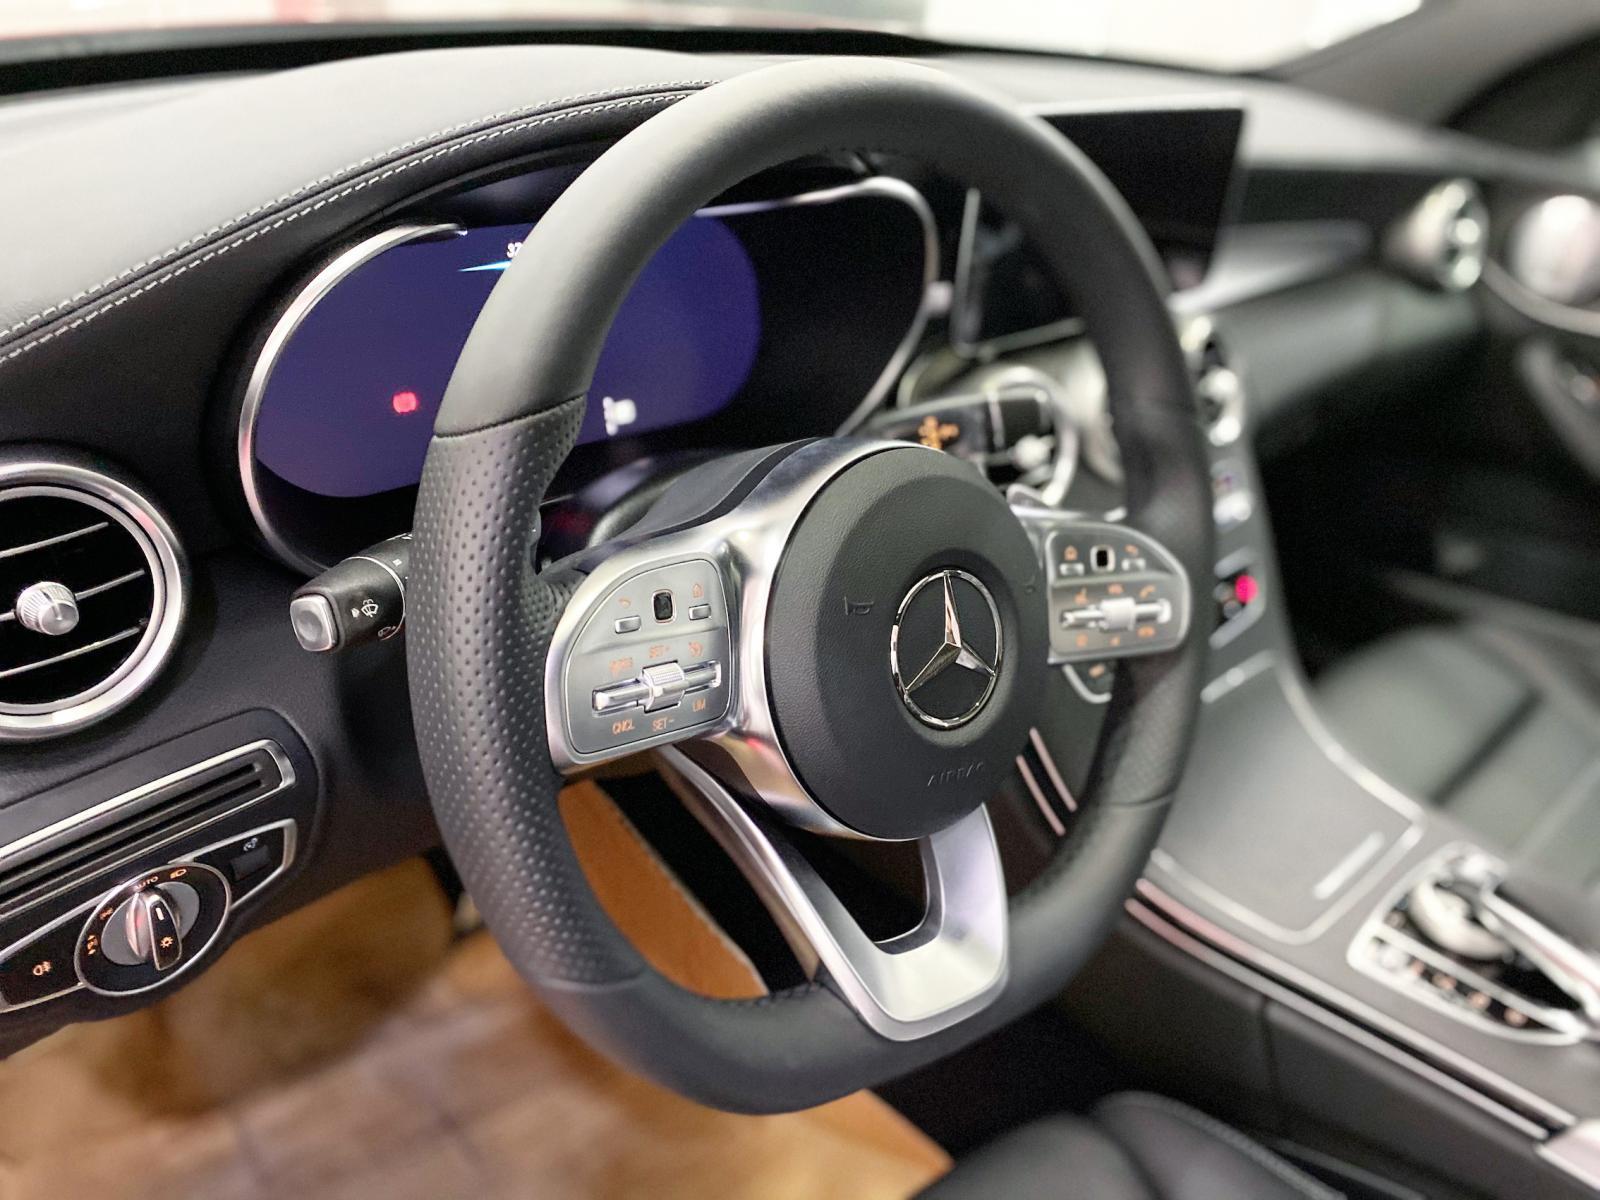 Bán Mercedes C300 AMG 2020 màu đỏ siêu lướt giá cực tốt - xe cũ chính hãng